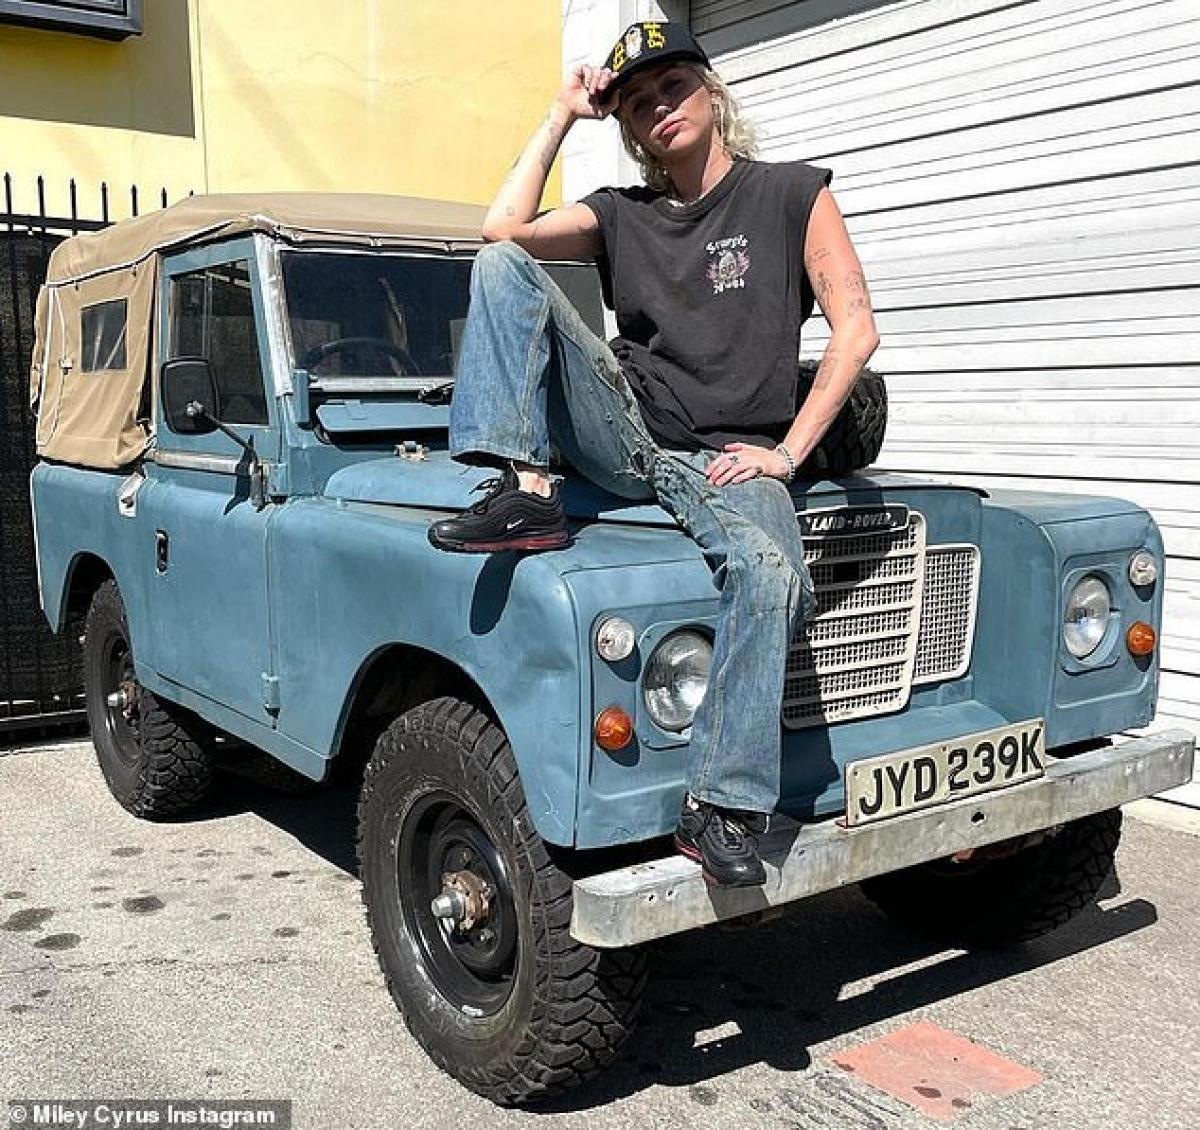 Trên Instagram, Miley Cyrus chia sẻ loạt ảnh cô tạo dáng siêu ngầu bên chiếc xe Land Rover cổ điển.